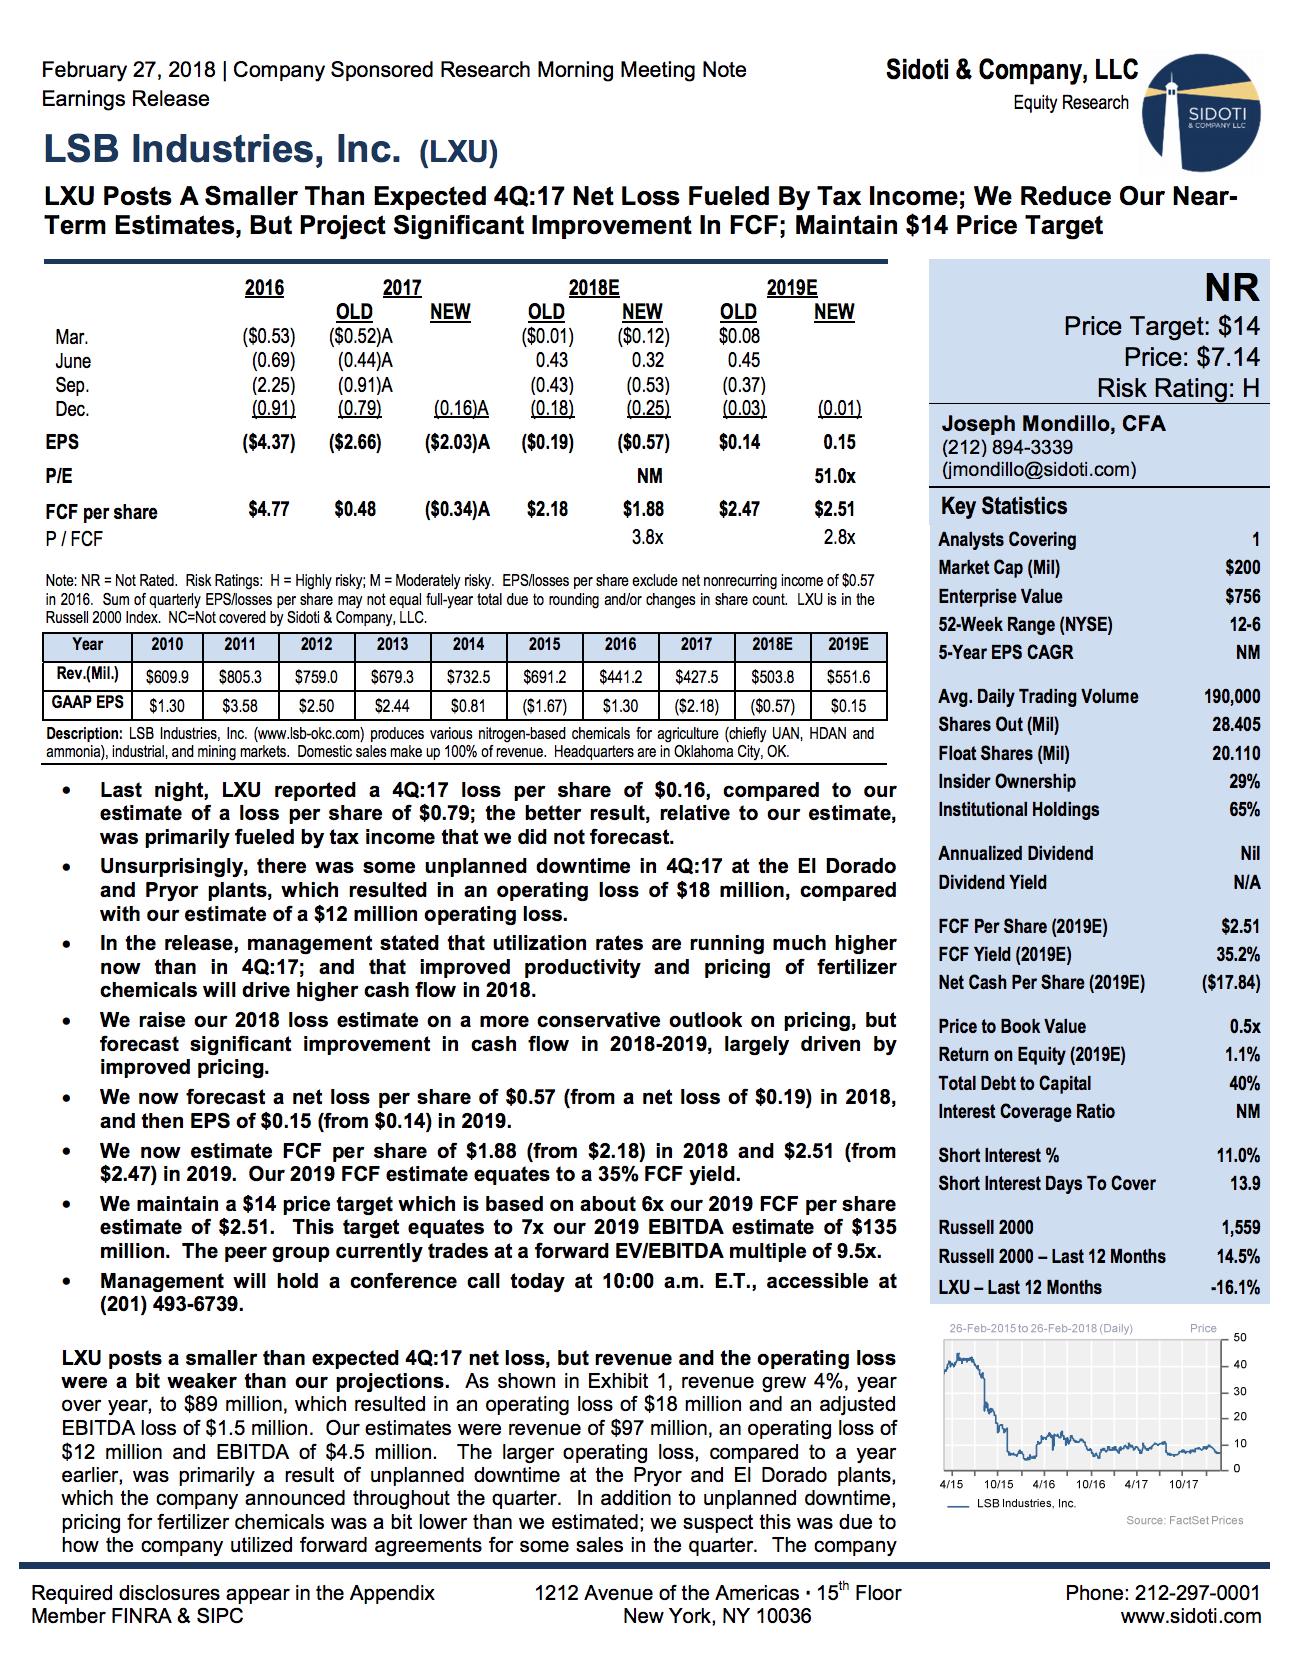 Earnings Report: February 27, 2018